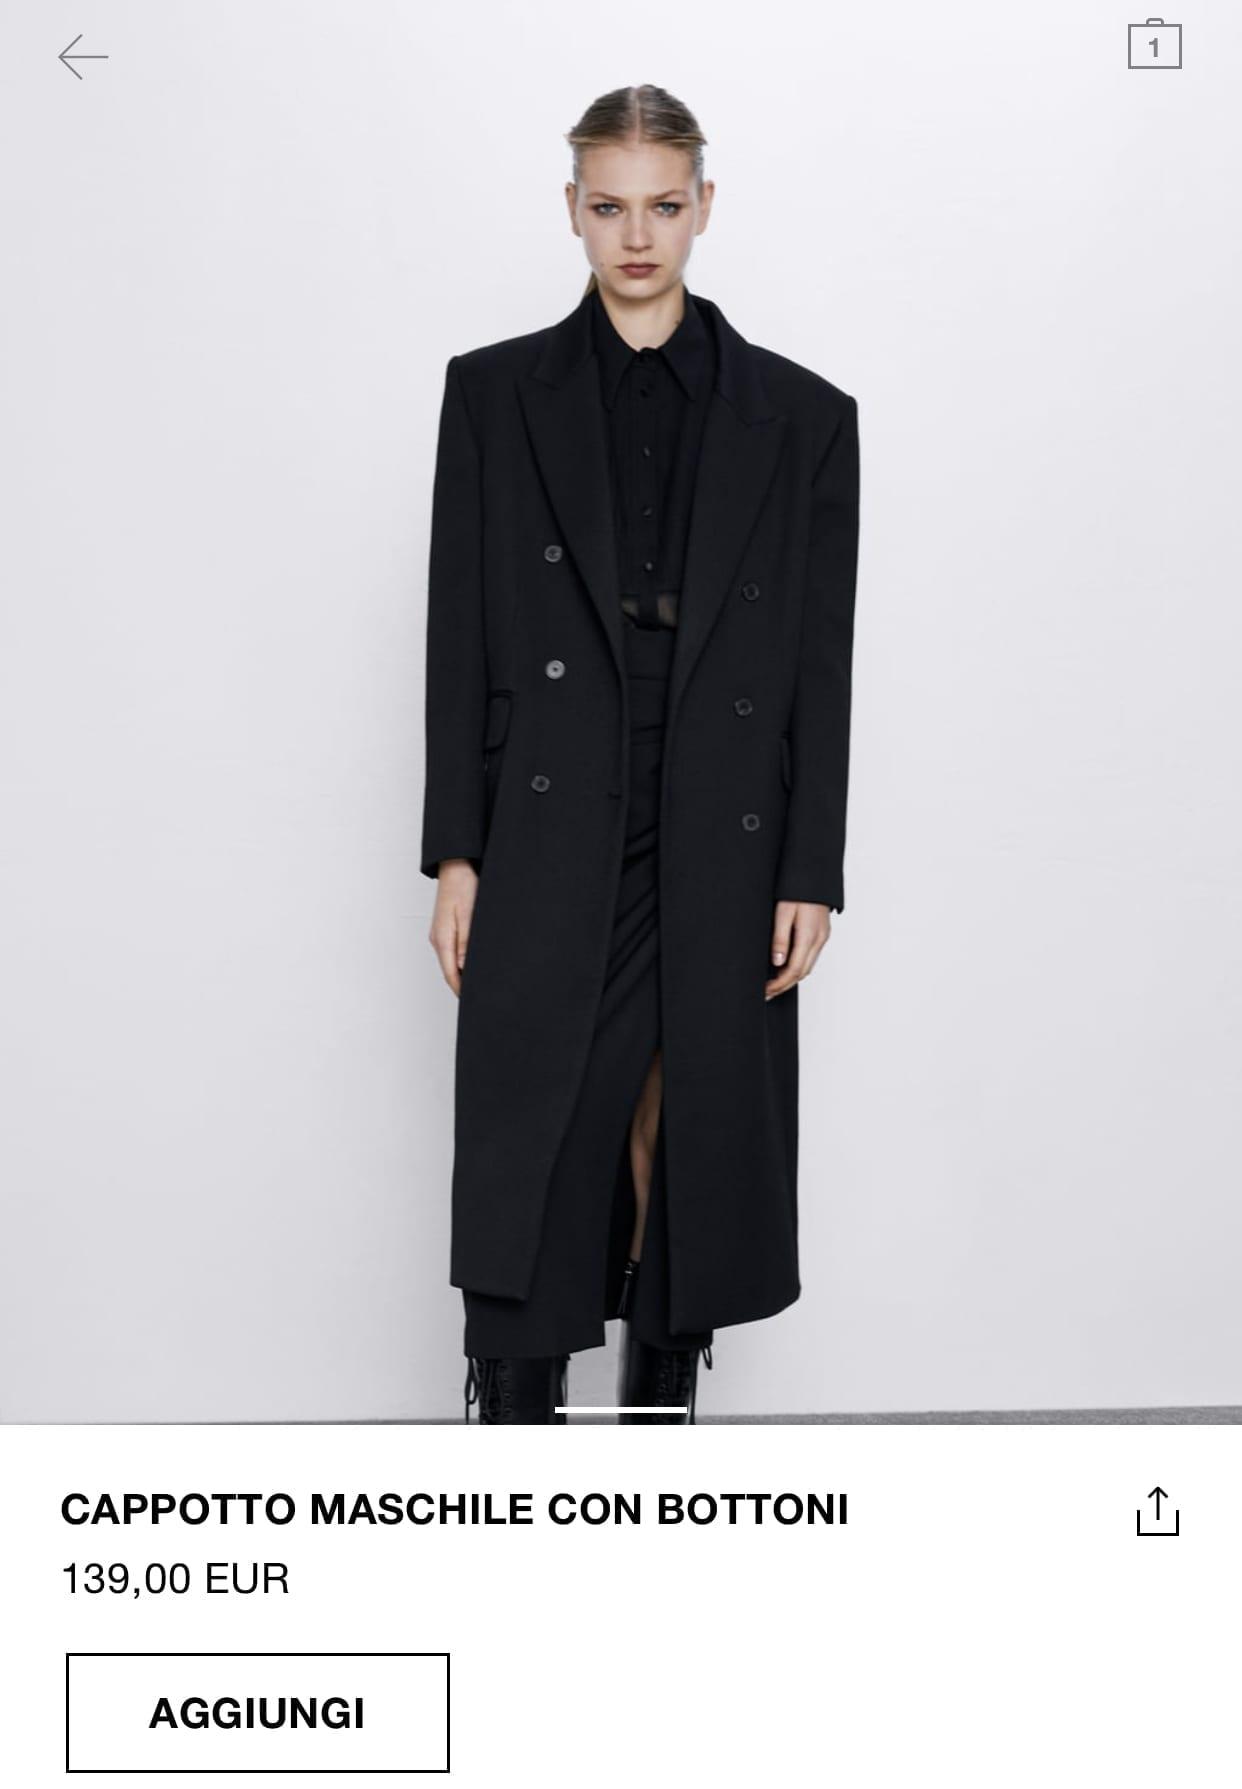 cosa comprare da zara autunno 2019, cappotto zara 2019, come vestirsi minimal chic